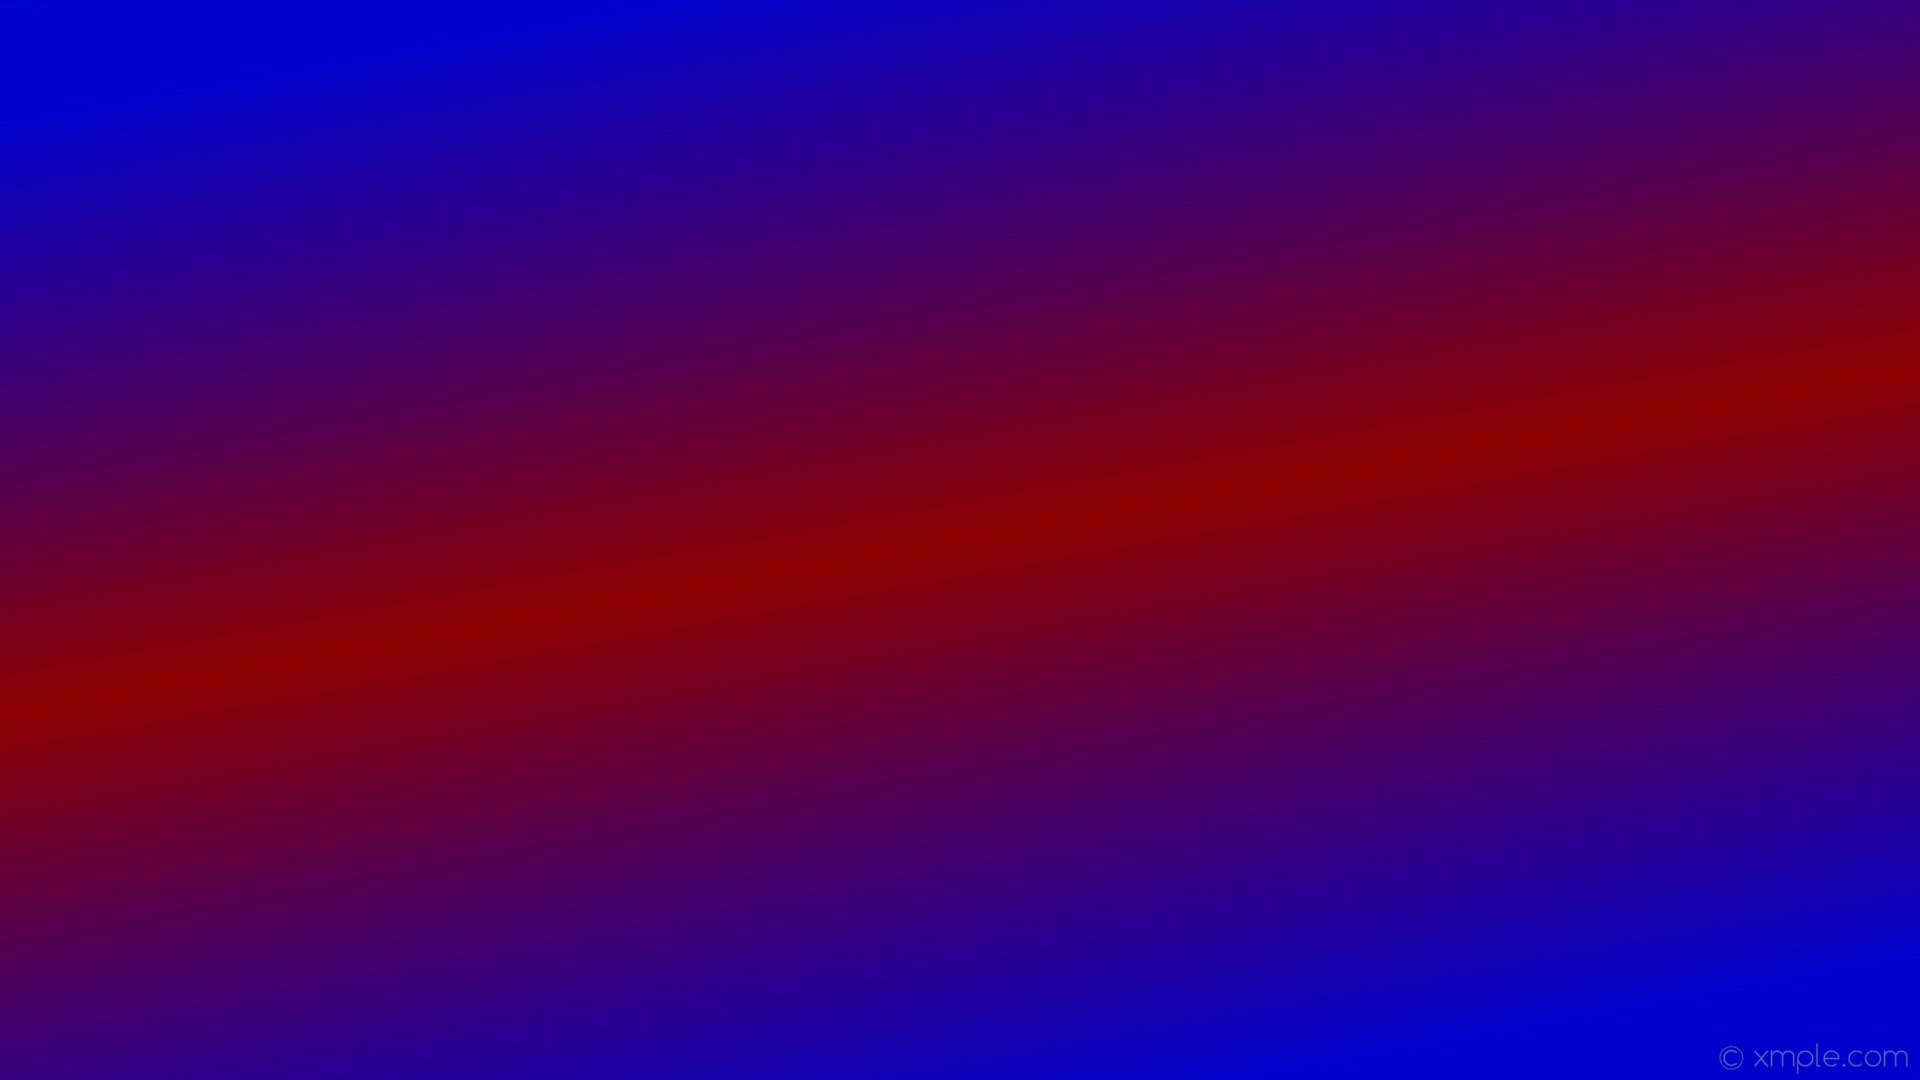 wallpaper highlight red blue gradient linear medium blue dark red #0000cd  #8b0000 120°